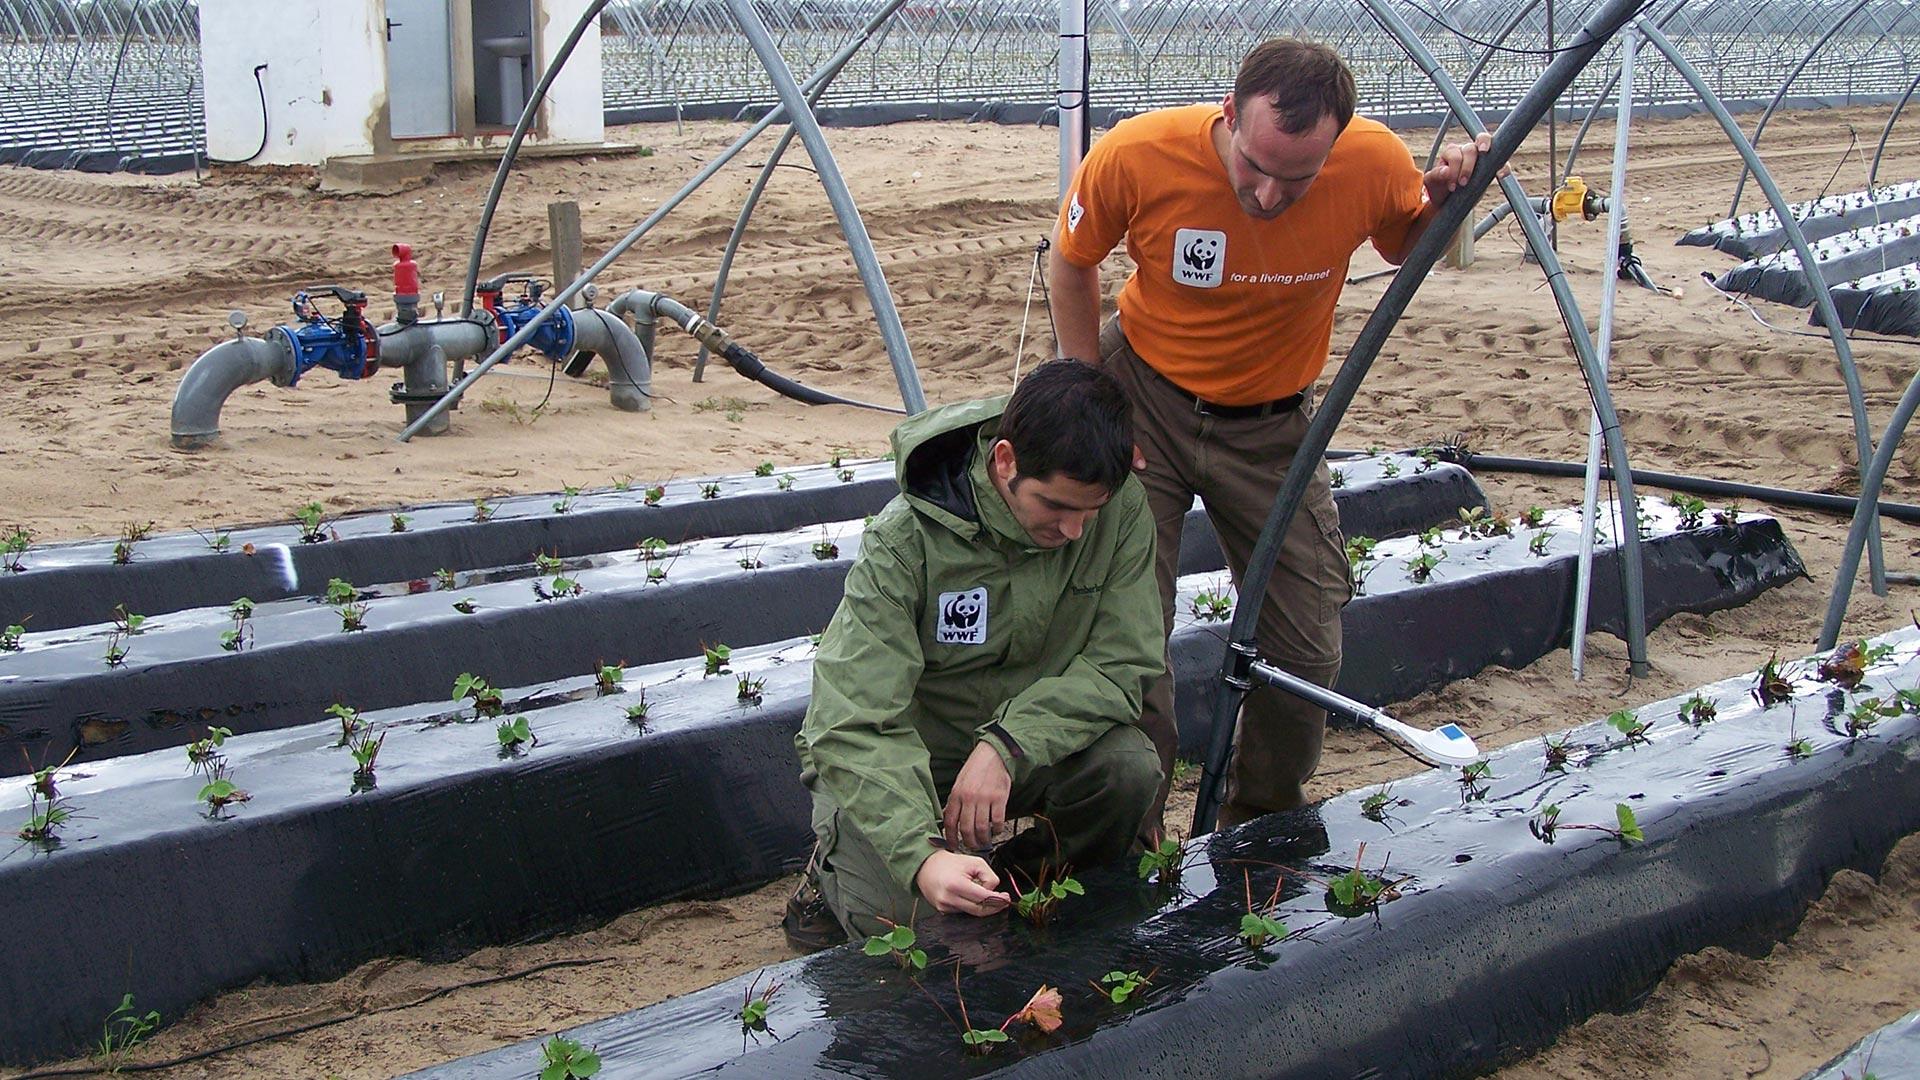 Kollegen des WWF Spanien arbeiten an einer nachhaltigeren Bewässerung von Erdbeeren in Doñana © Franko Petri / WWF